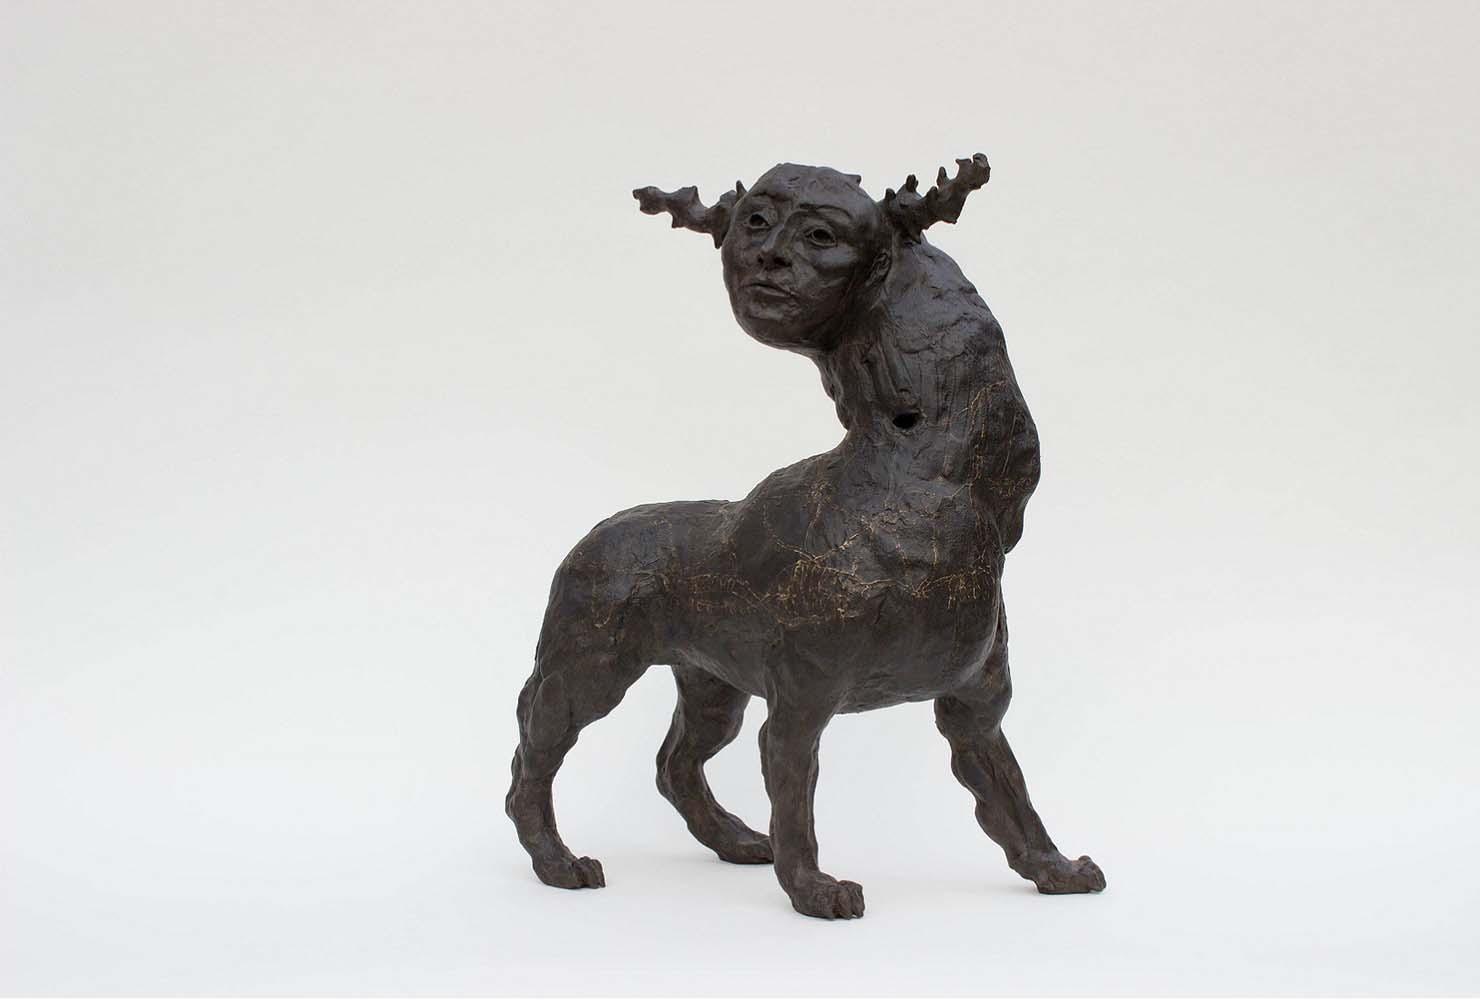 HUMANIMAL, Sculpture #1, 2018 - Céramique patinée, 49x39x19cm